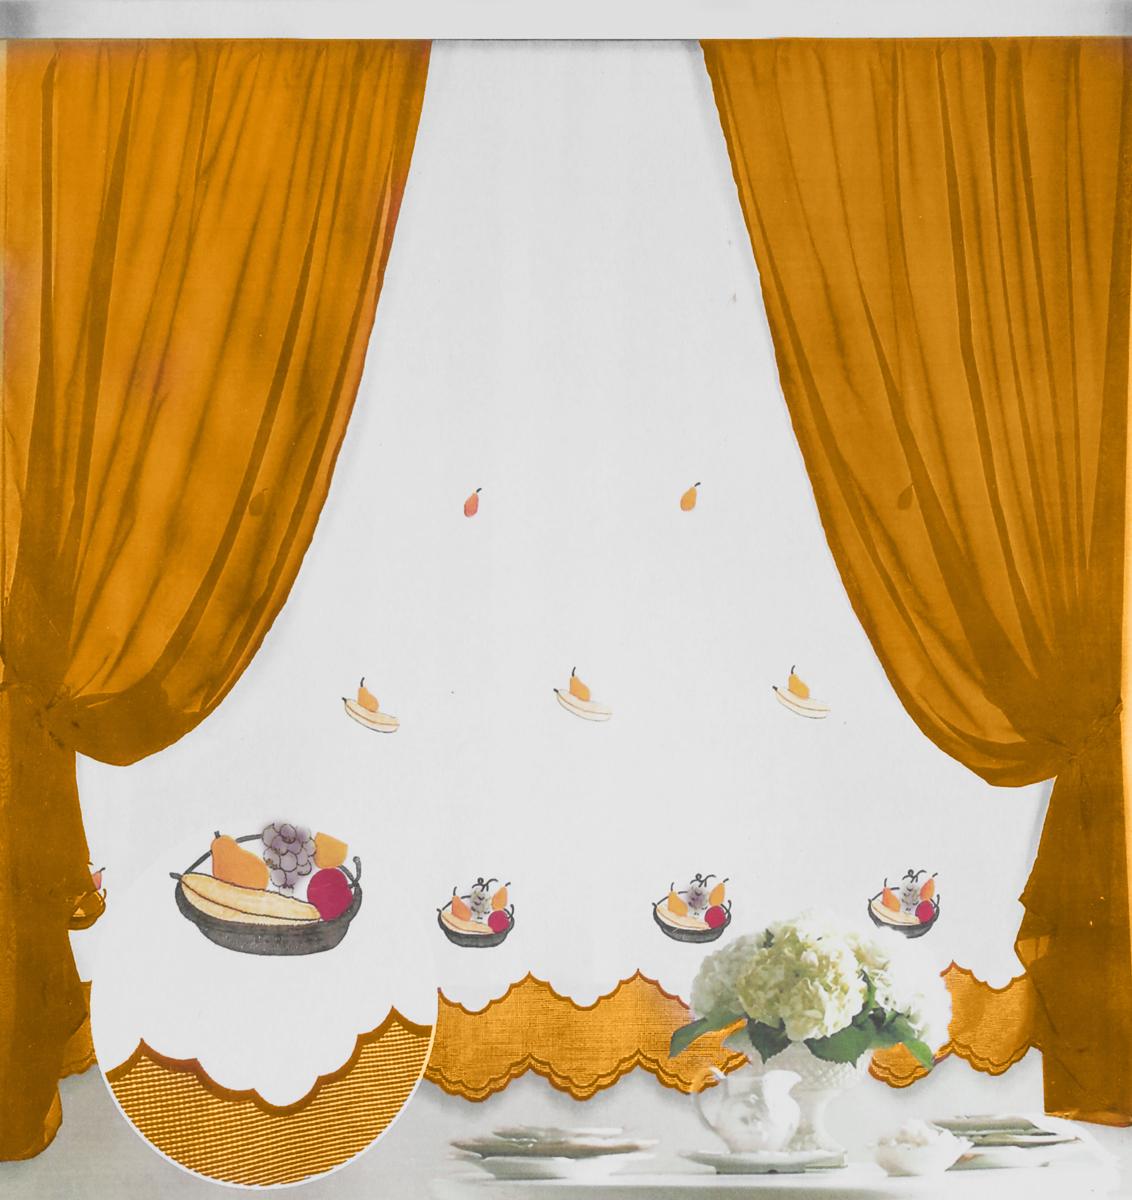 Штора Фруктовая корзинка, на ленте, цвет: белый, горчичный, высота 170 см80180_белый, горчичныйШтора Фруктовая корзинка - это универсальная и интересная серия домашних штор для яркого и стильного оформления окон и созданияособенной уютной атмосферы. Эта штора великолепно смотрится как одна, так и в паре, в комбинации с нежной тюлевой занавеской, собраннаяна подхваты и свободно ниспадающая естественными складками. Такая штора, изготовленная полностью из прочного и очень практичногополиэстерового полотна, долговечна и не боится стирок, не сминается, не теряет своего блеска и яркости красок.Высота: 170 см